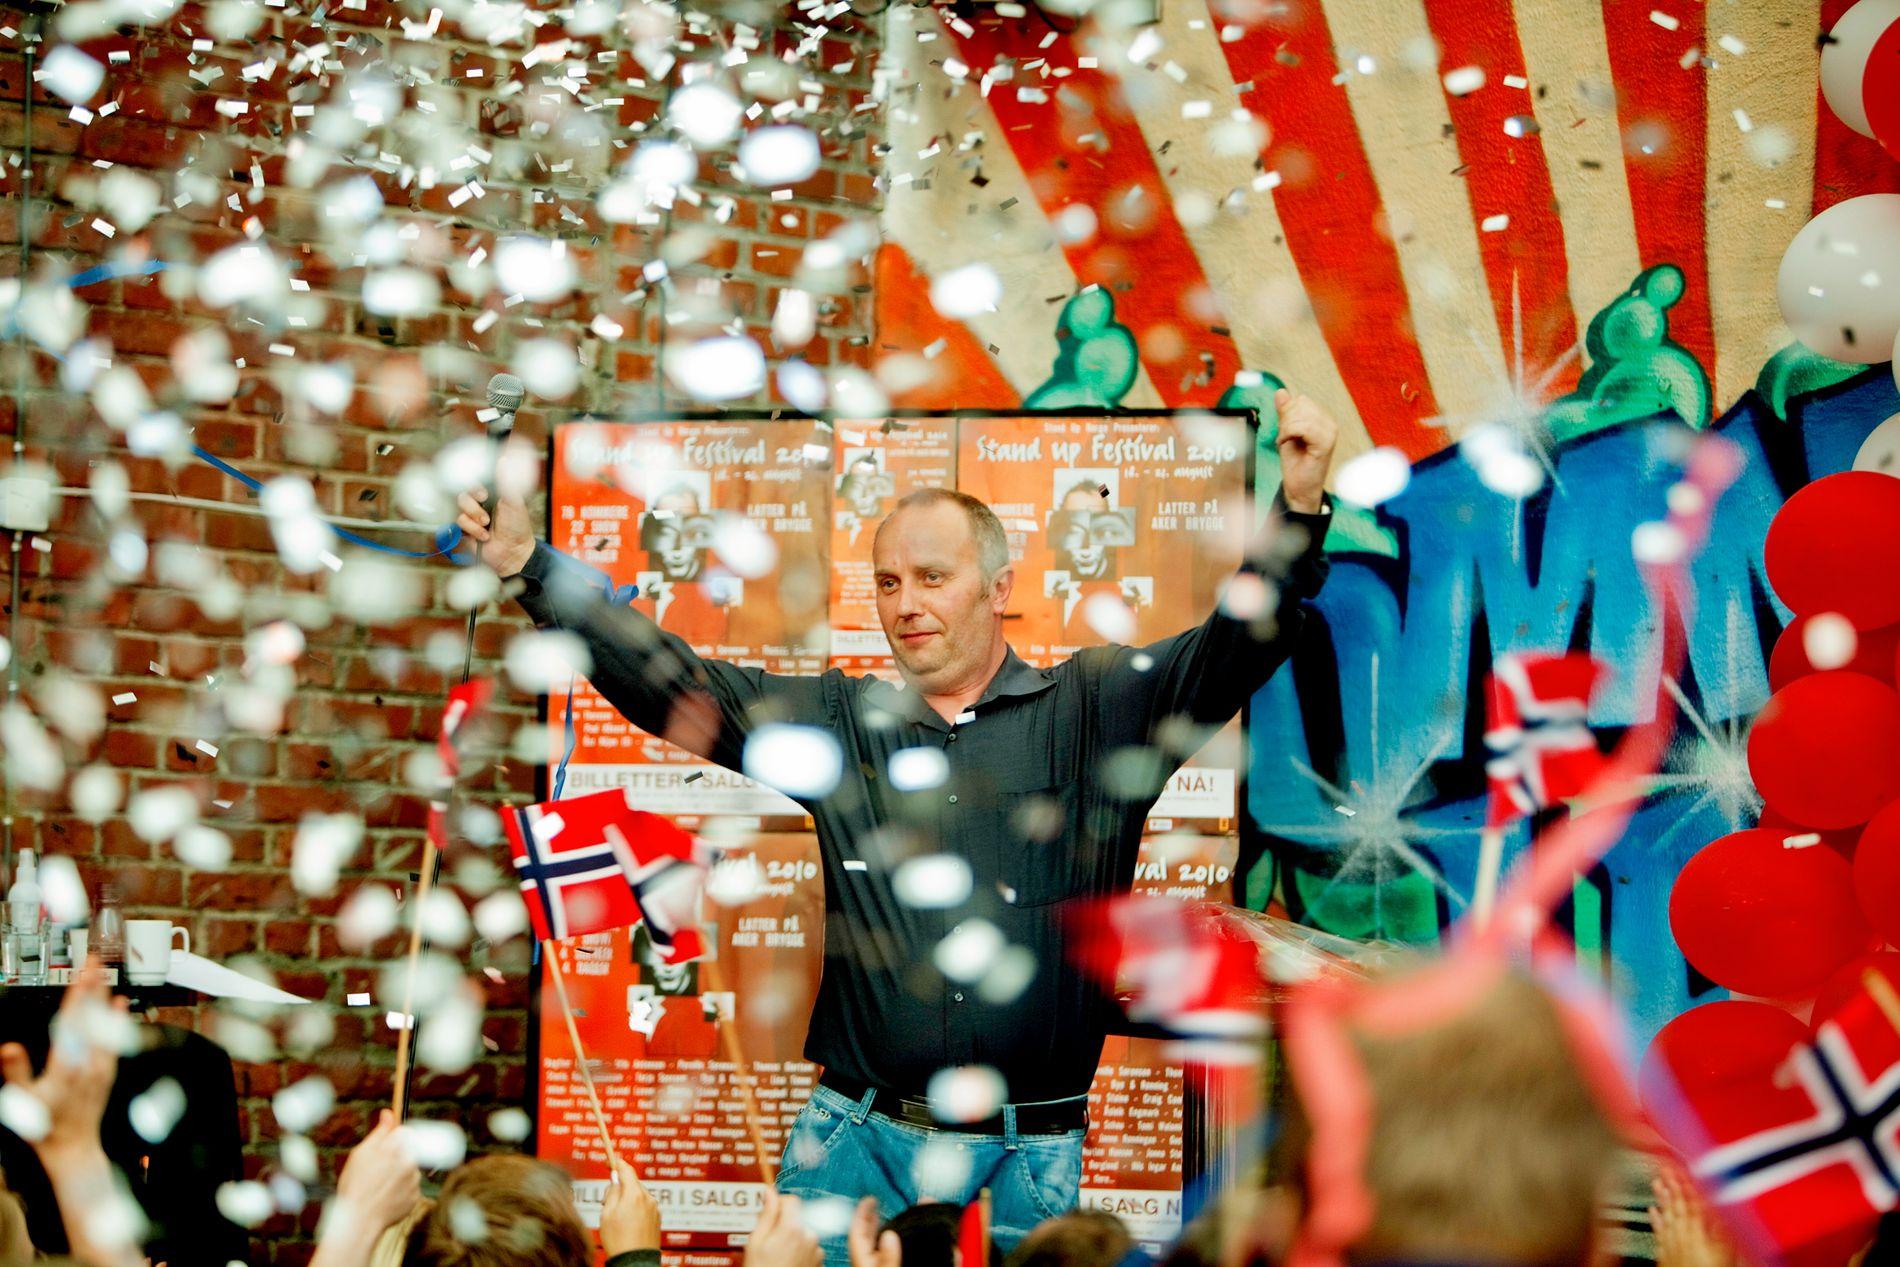 VERDENSREKORD:  I 2010 satte Hans Morten Hansen verdensrekord i stand-up komedie etter å ha holdt et show gående i 38 timer og 14 minutter.